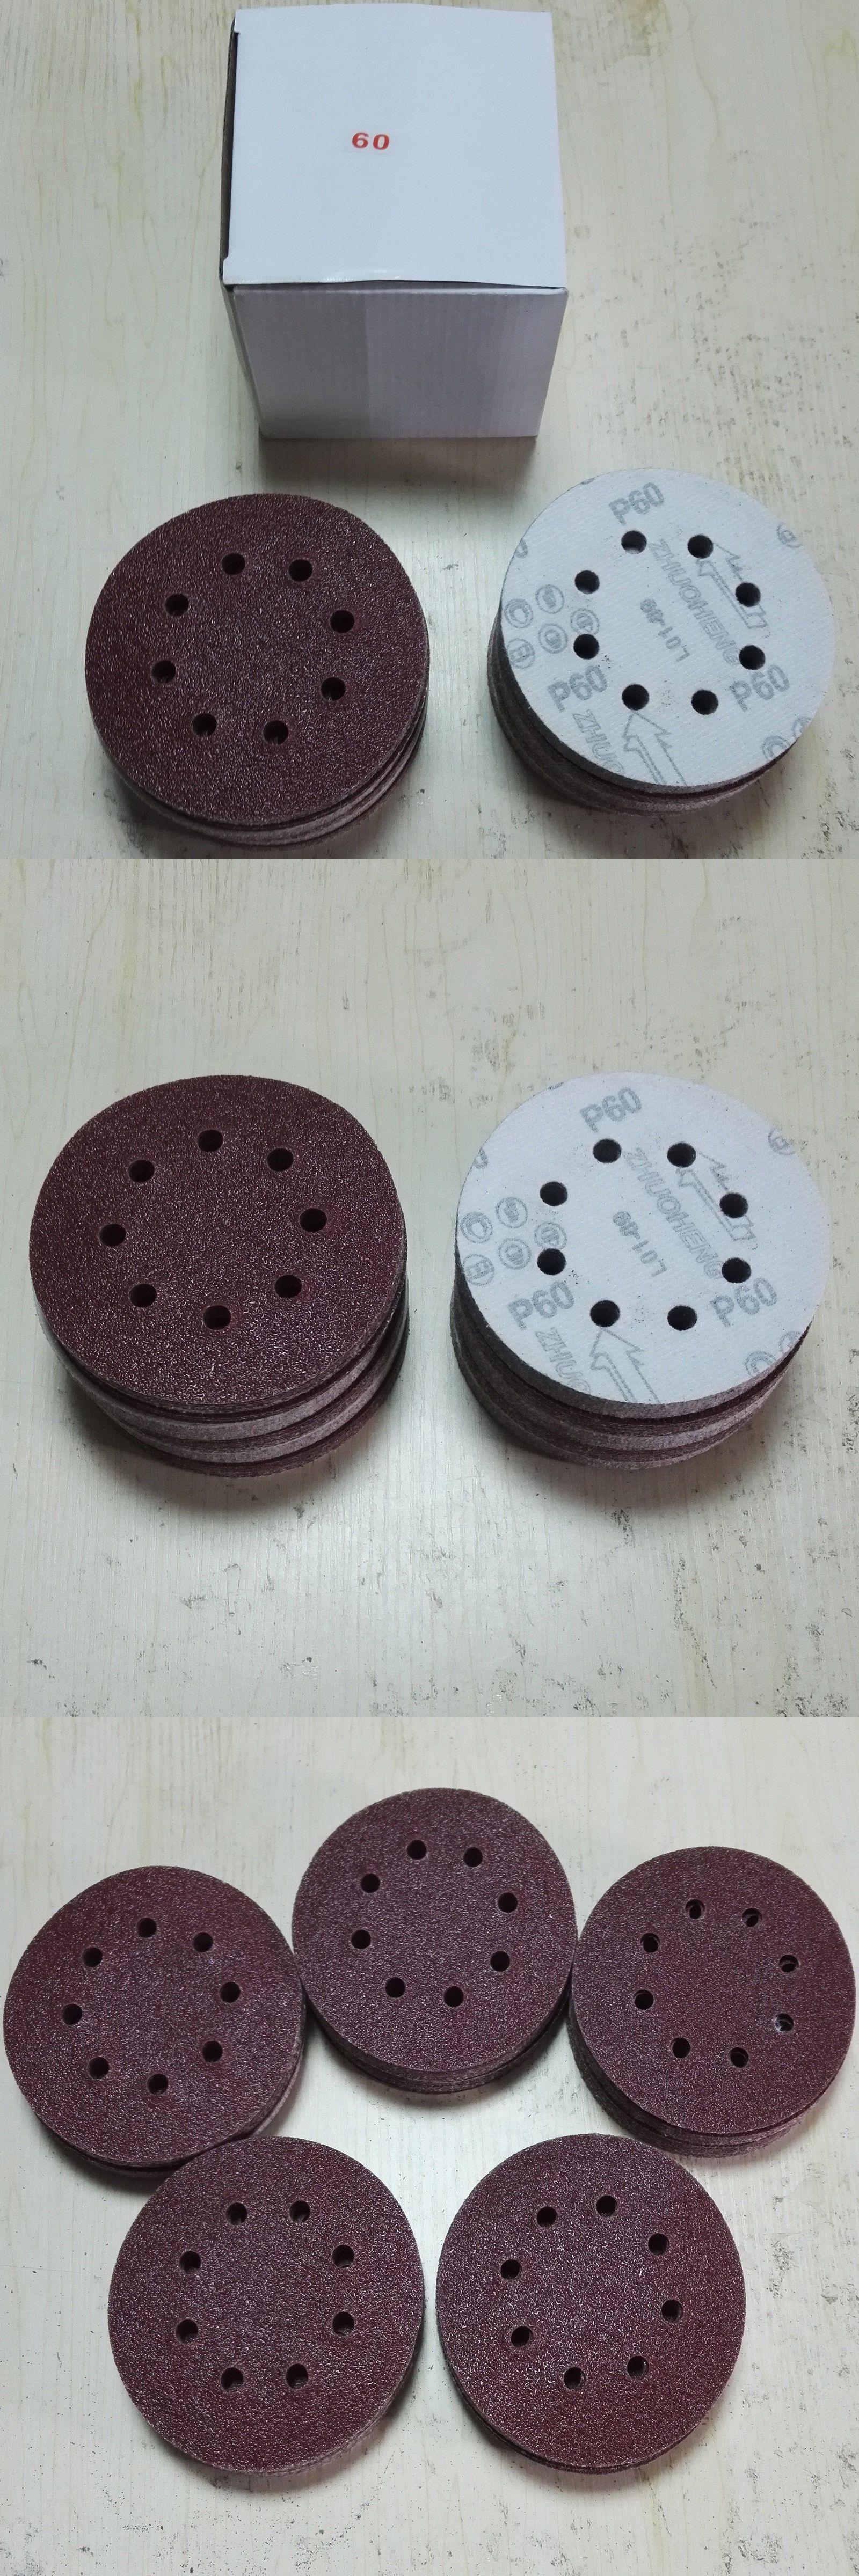 100 pack 5 8 holes 60 grit sanding discs hook loop